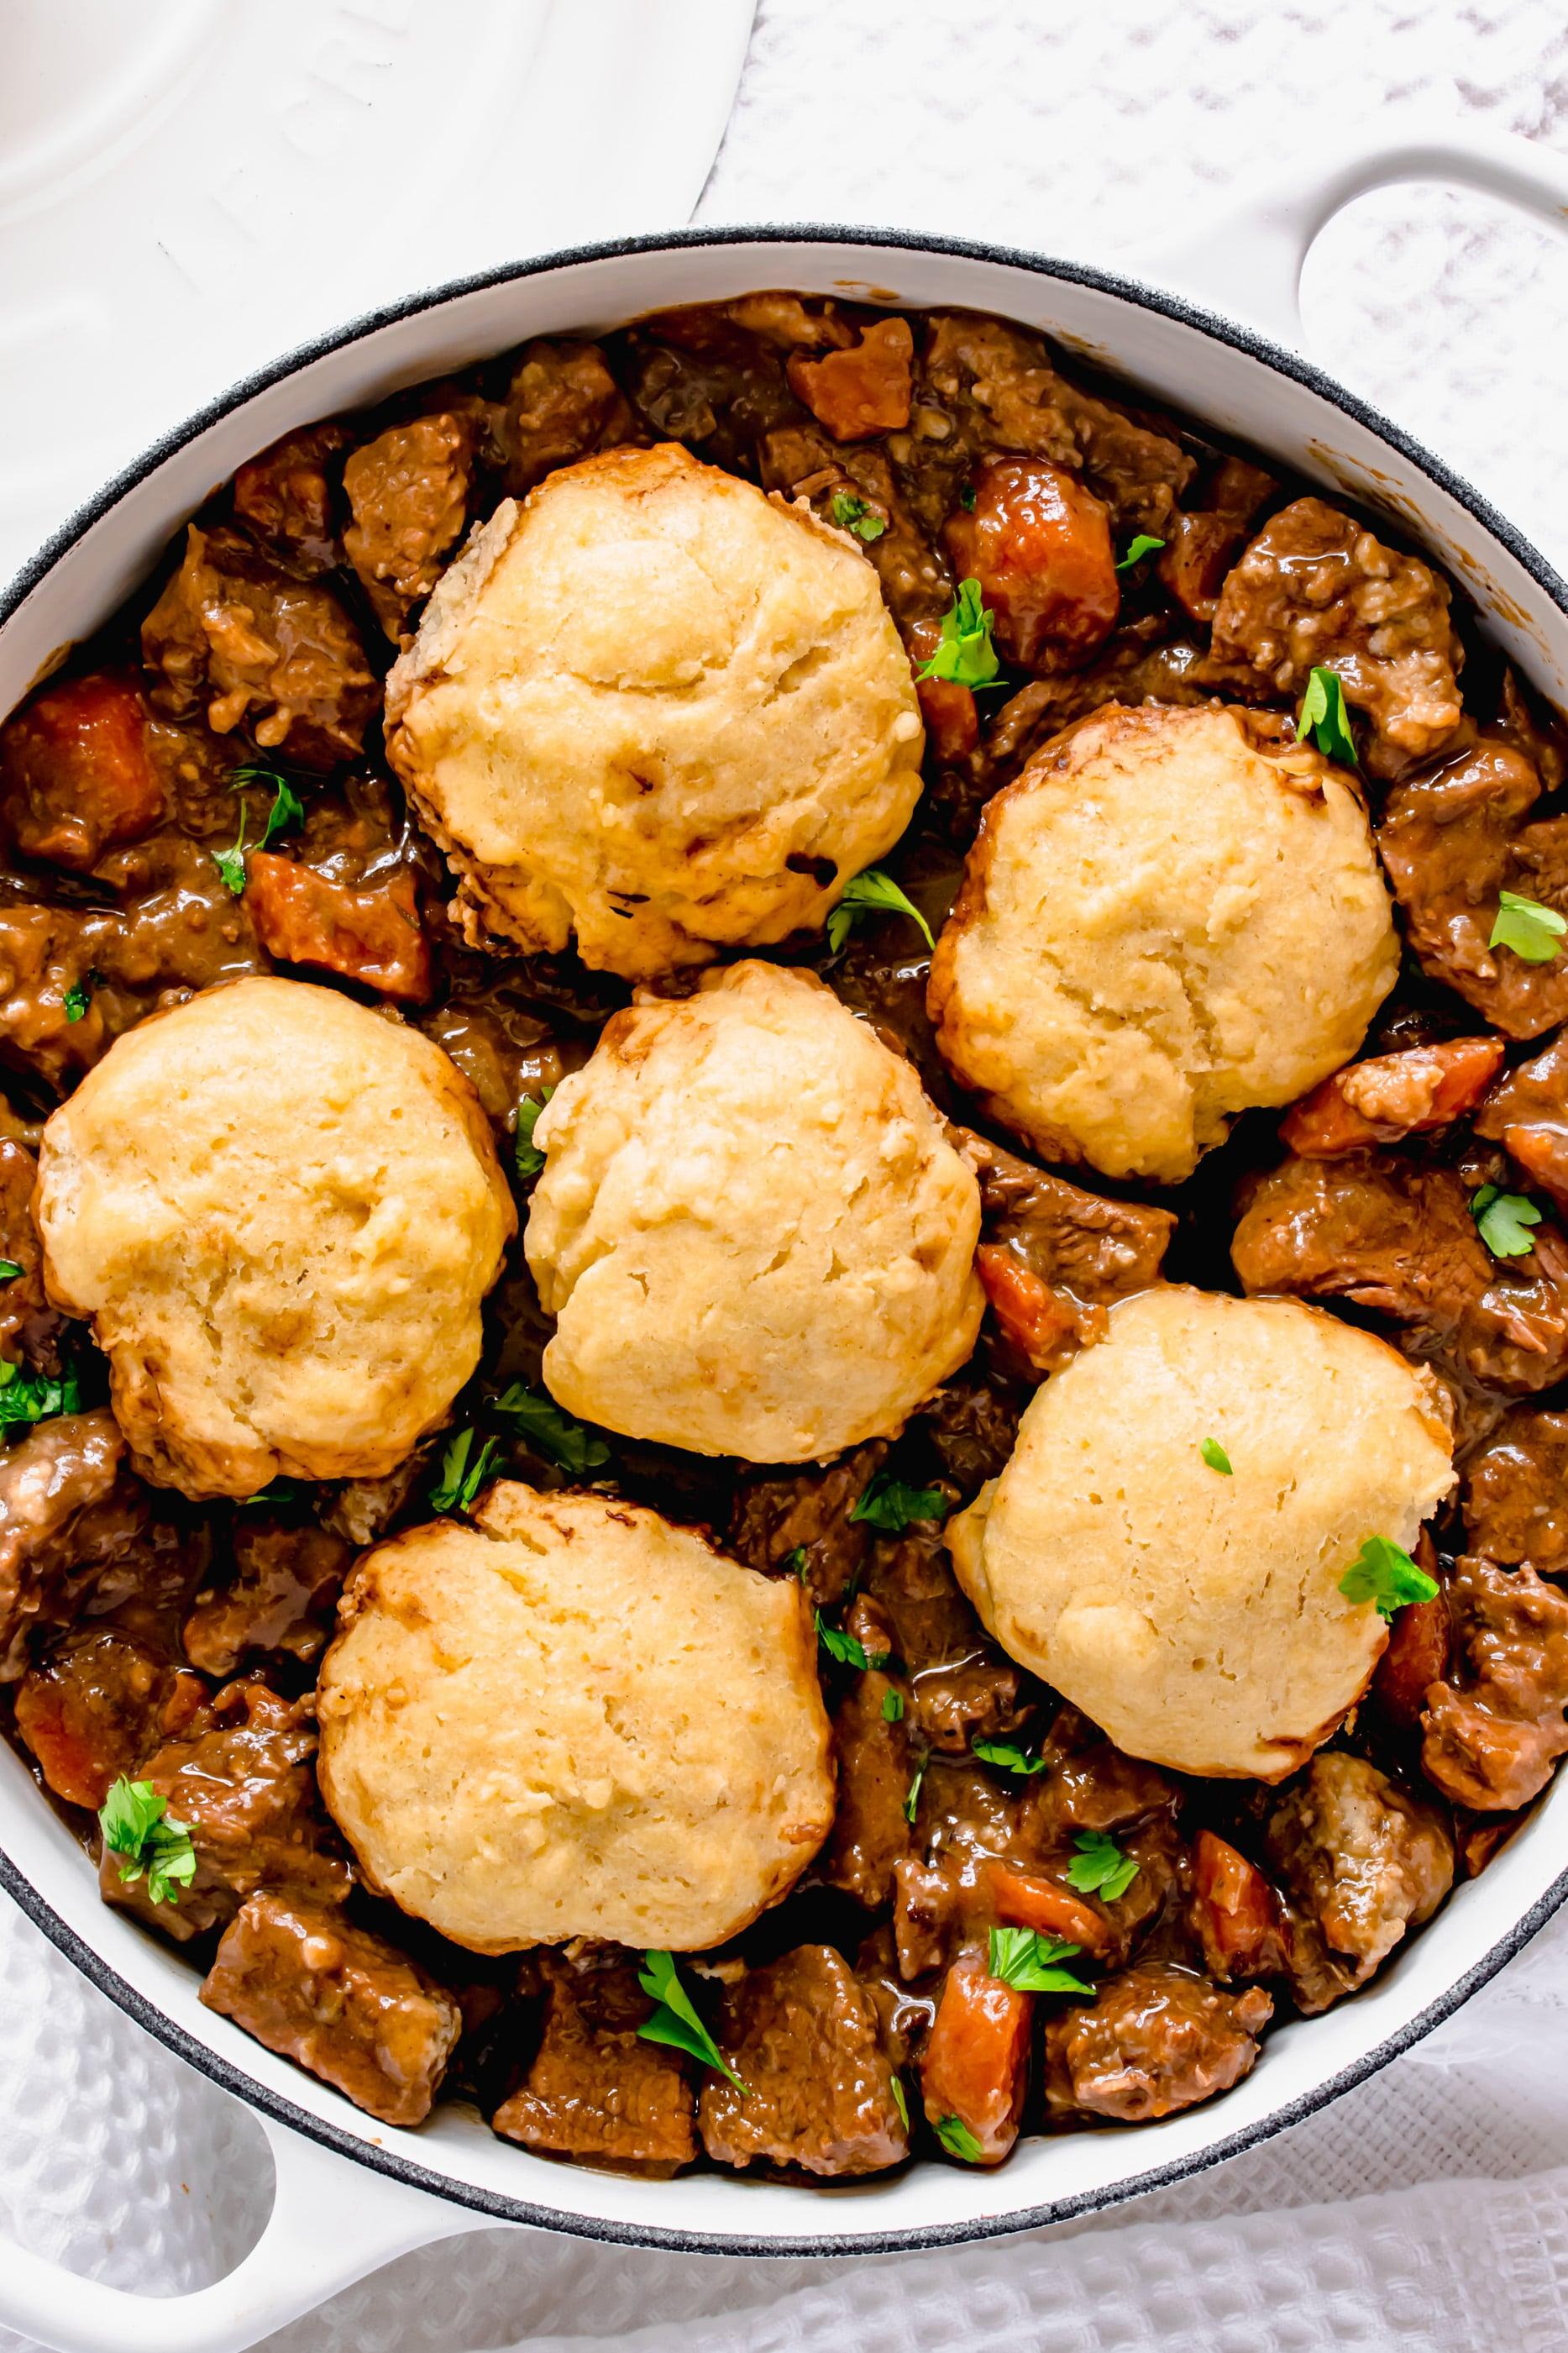 dumplings for stew recipe